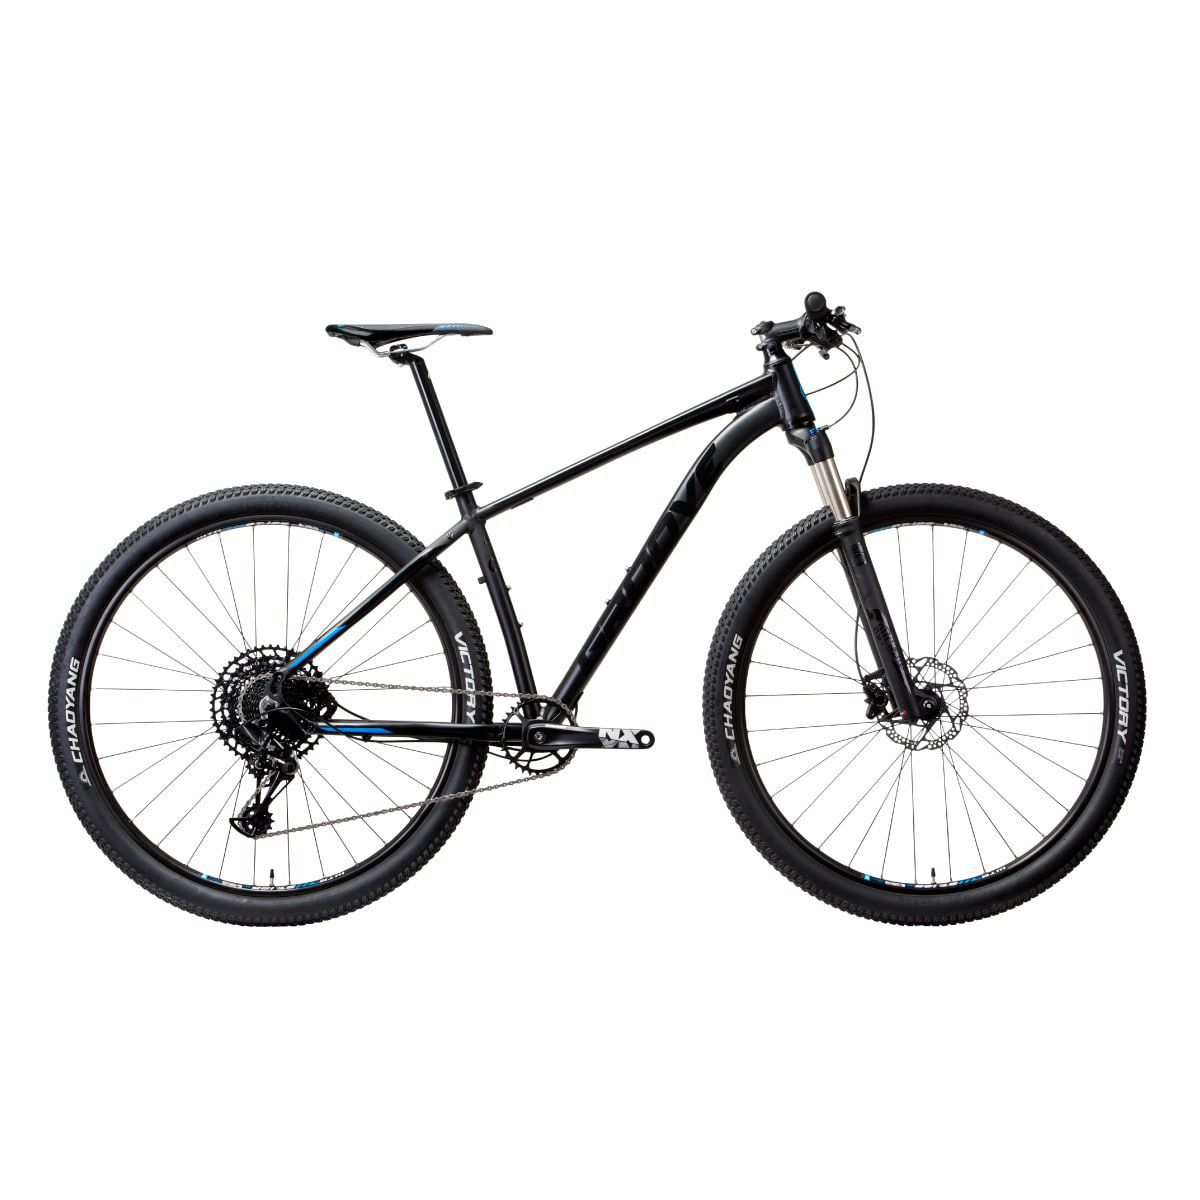 Bike Groove Riff 90 2019 Sram Eagle 12v Rock Shox